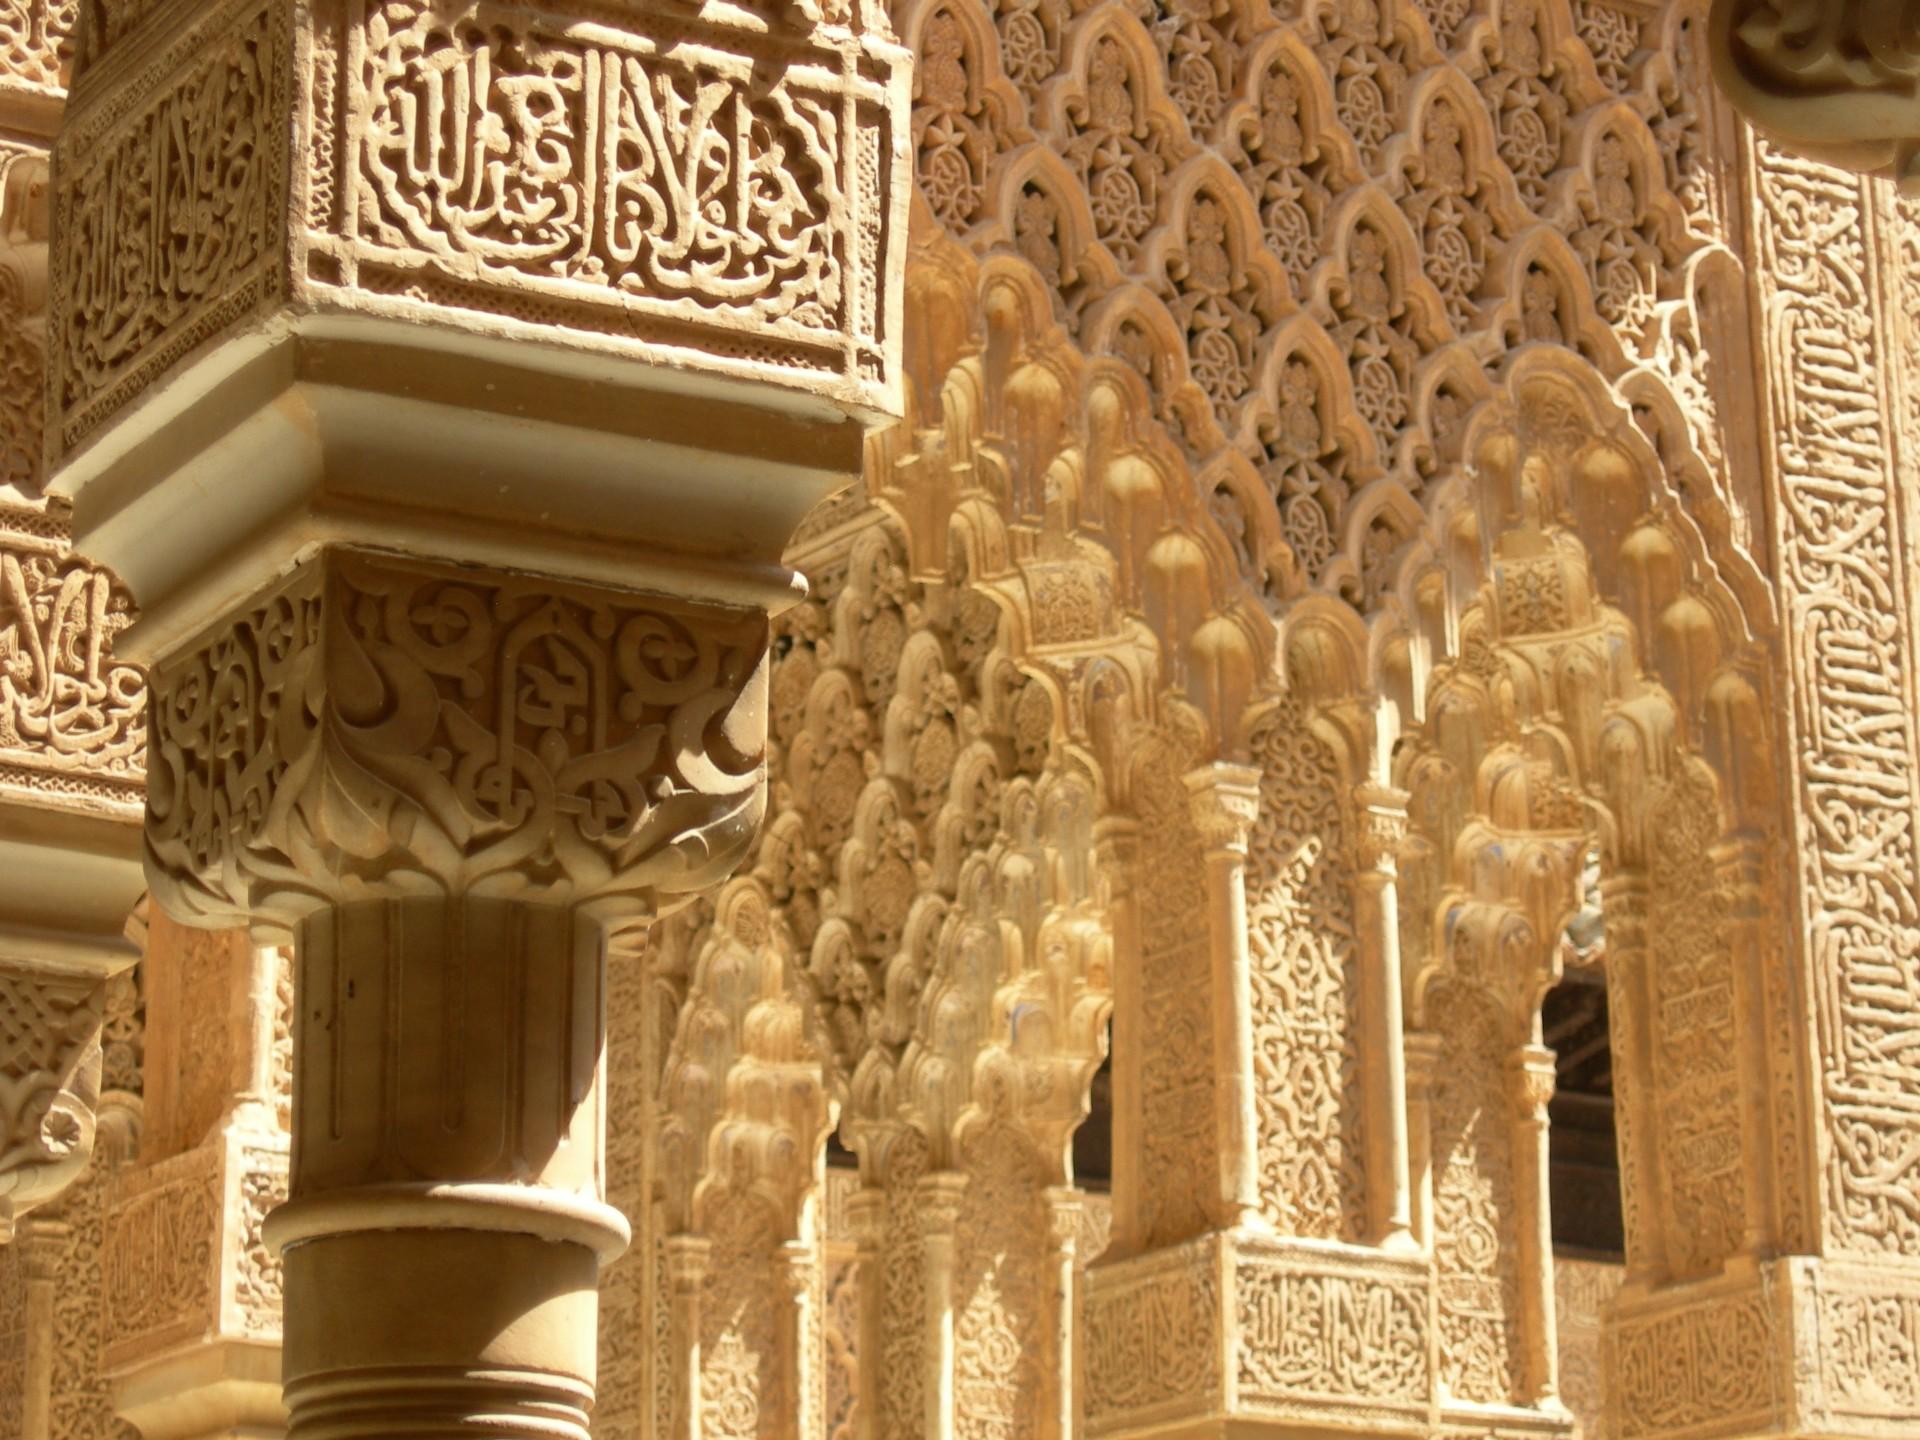 قصر الحمراء شاهد على روعة الحضارة الإسلامية  Hamrraa%20%2818%29